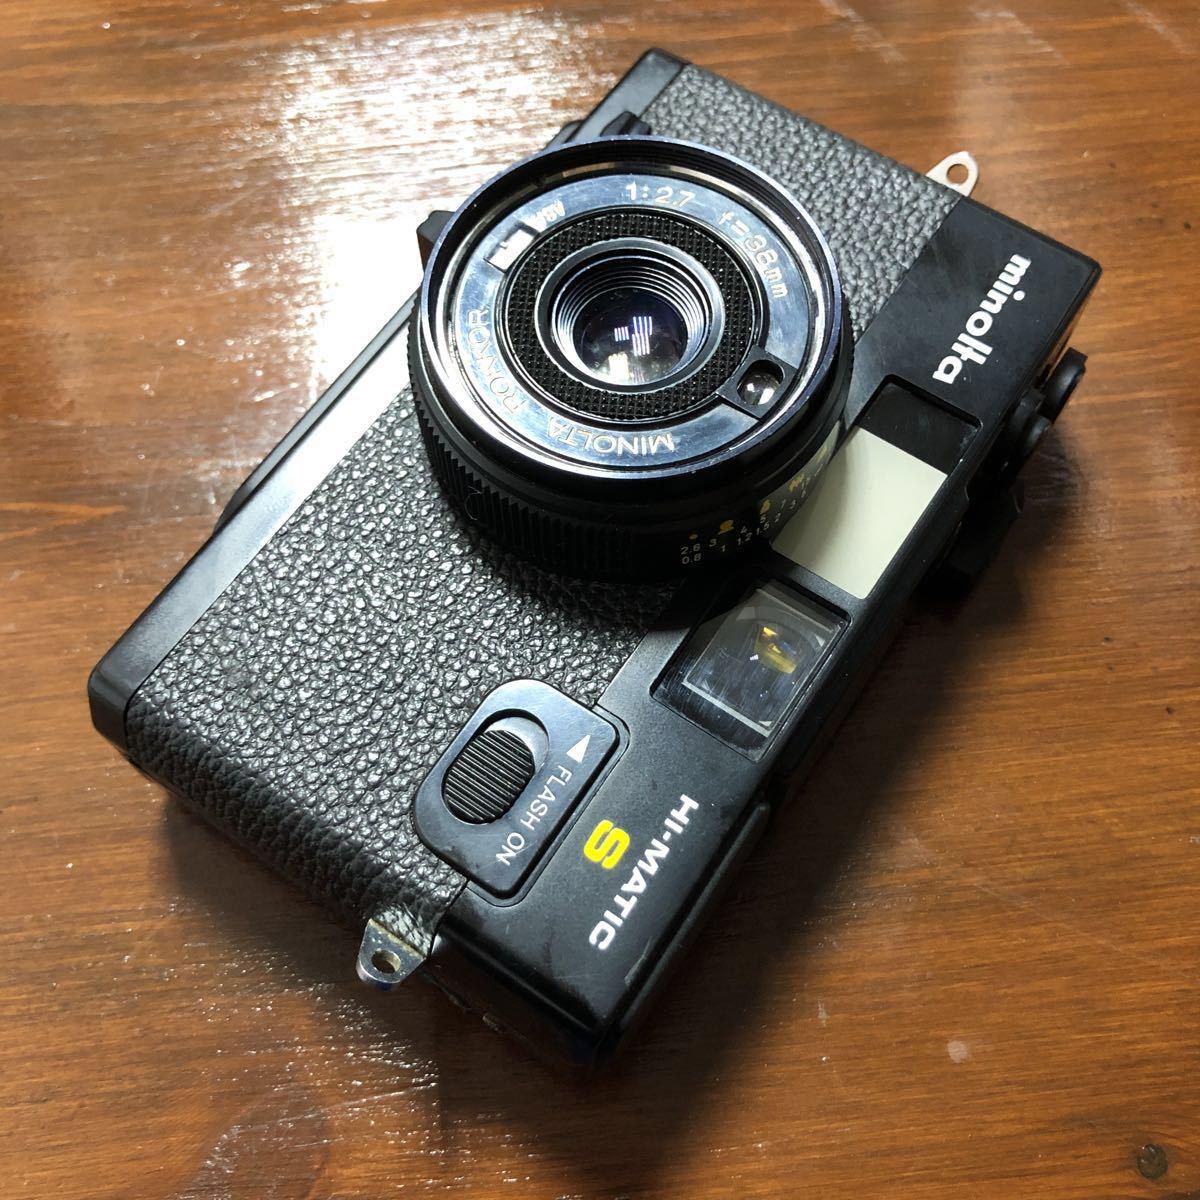 レトロ Minolta ミノルタ HI-MATIC F ブラック 黒 ROKKOR 1:2.7 f=38mm フィルムカメラ 現状品_画像10